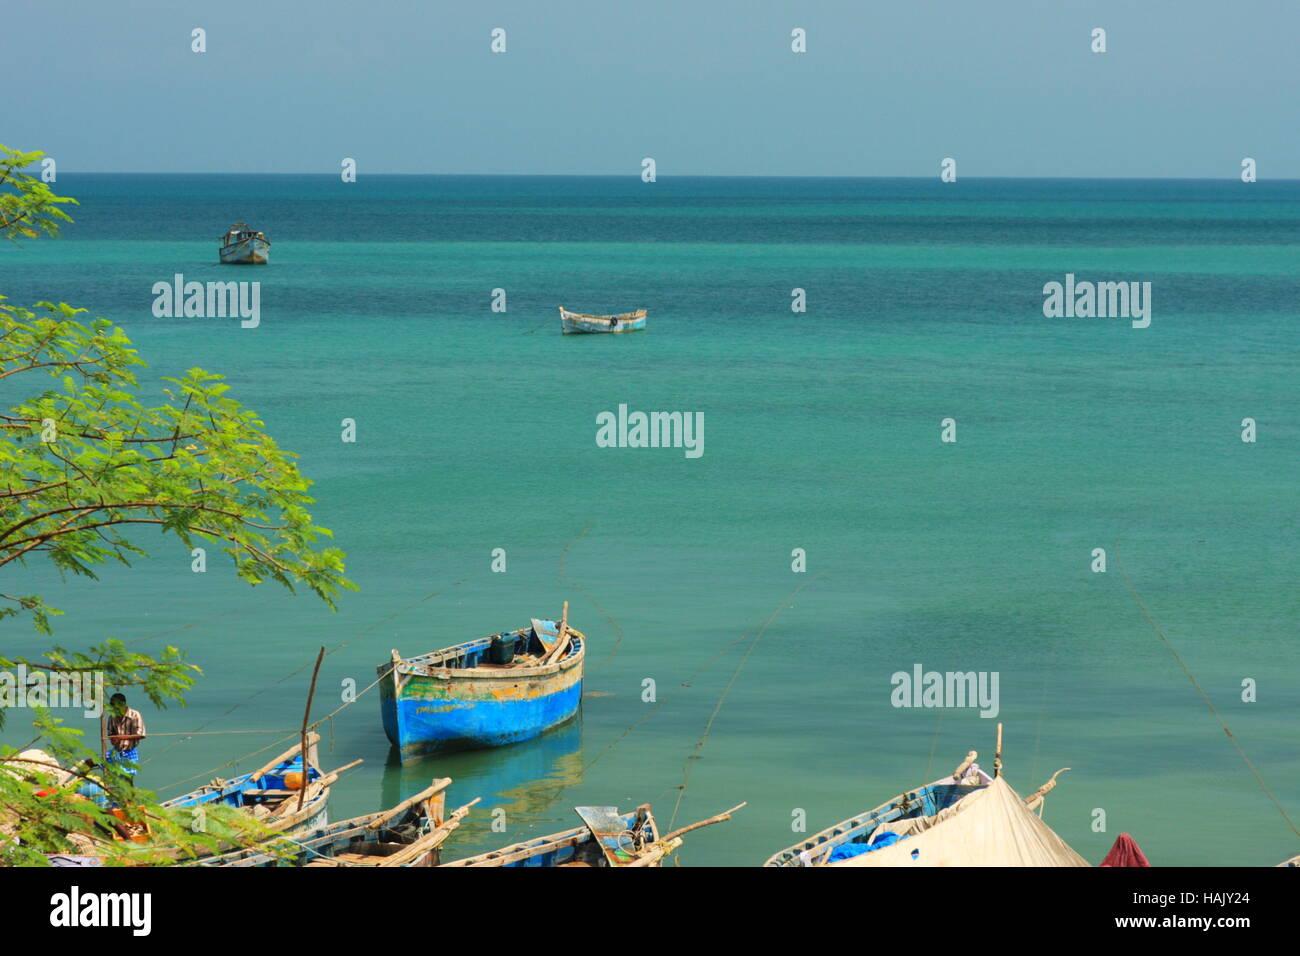 Los barcos en el mar verdoso Rameswaram, Tamilnadu, India Foto de stock